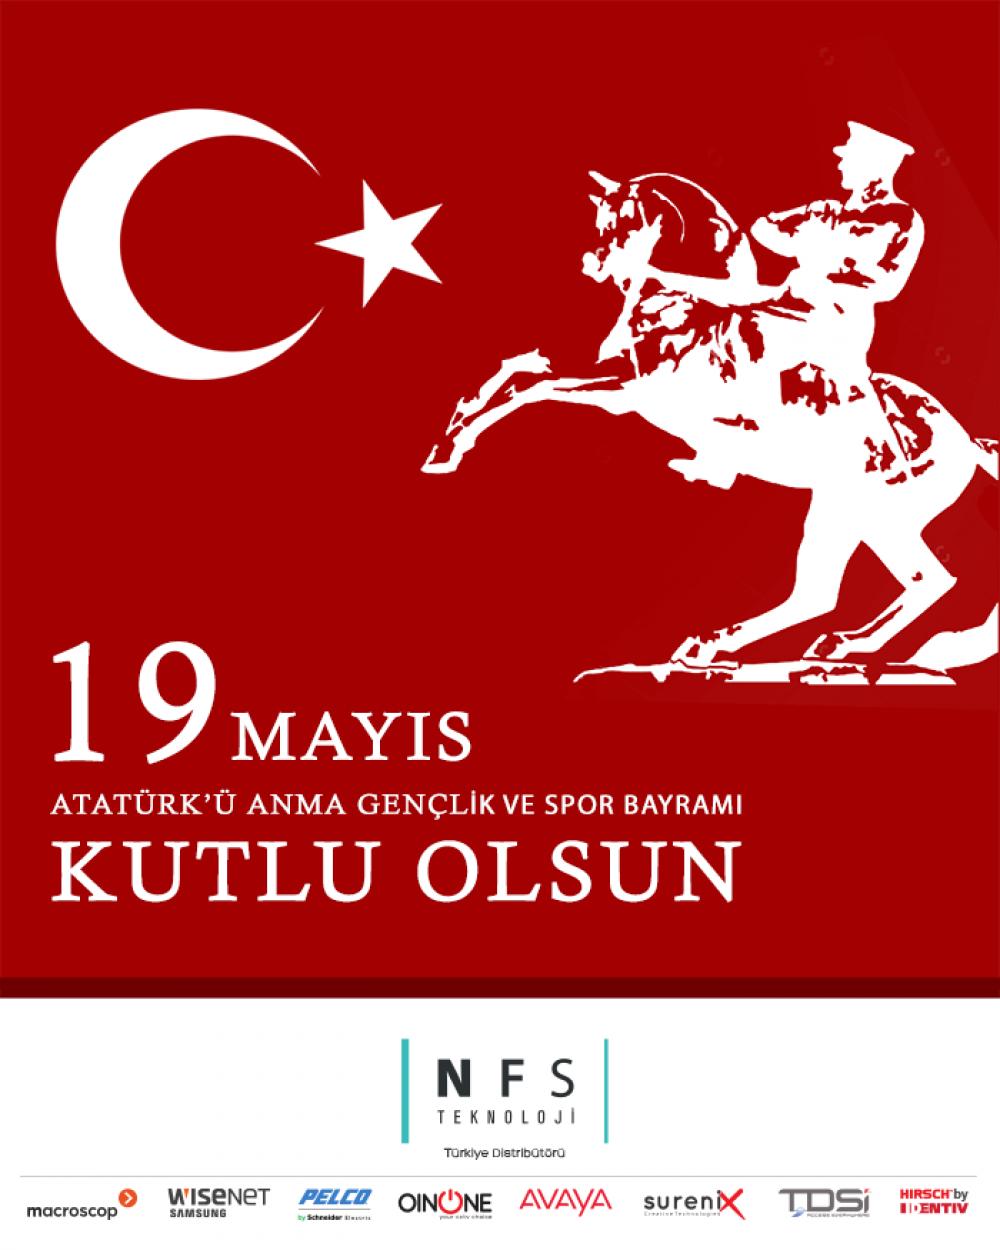 19 Mayıs Atatürk'ü Anma ve Gençlik Spor Bayramı Kutlu Olsun